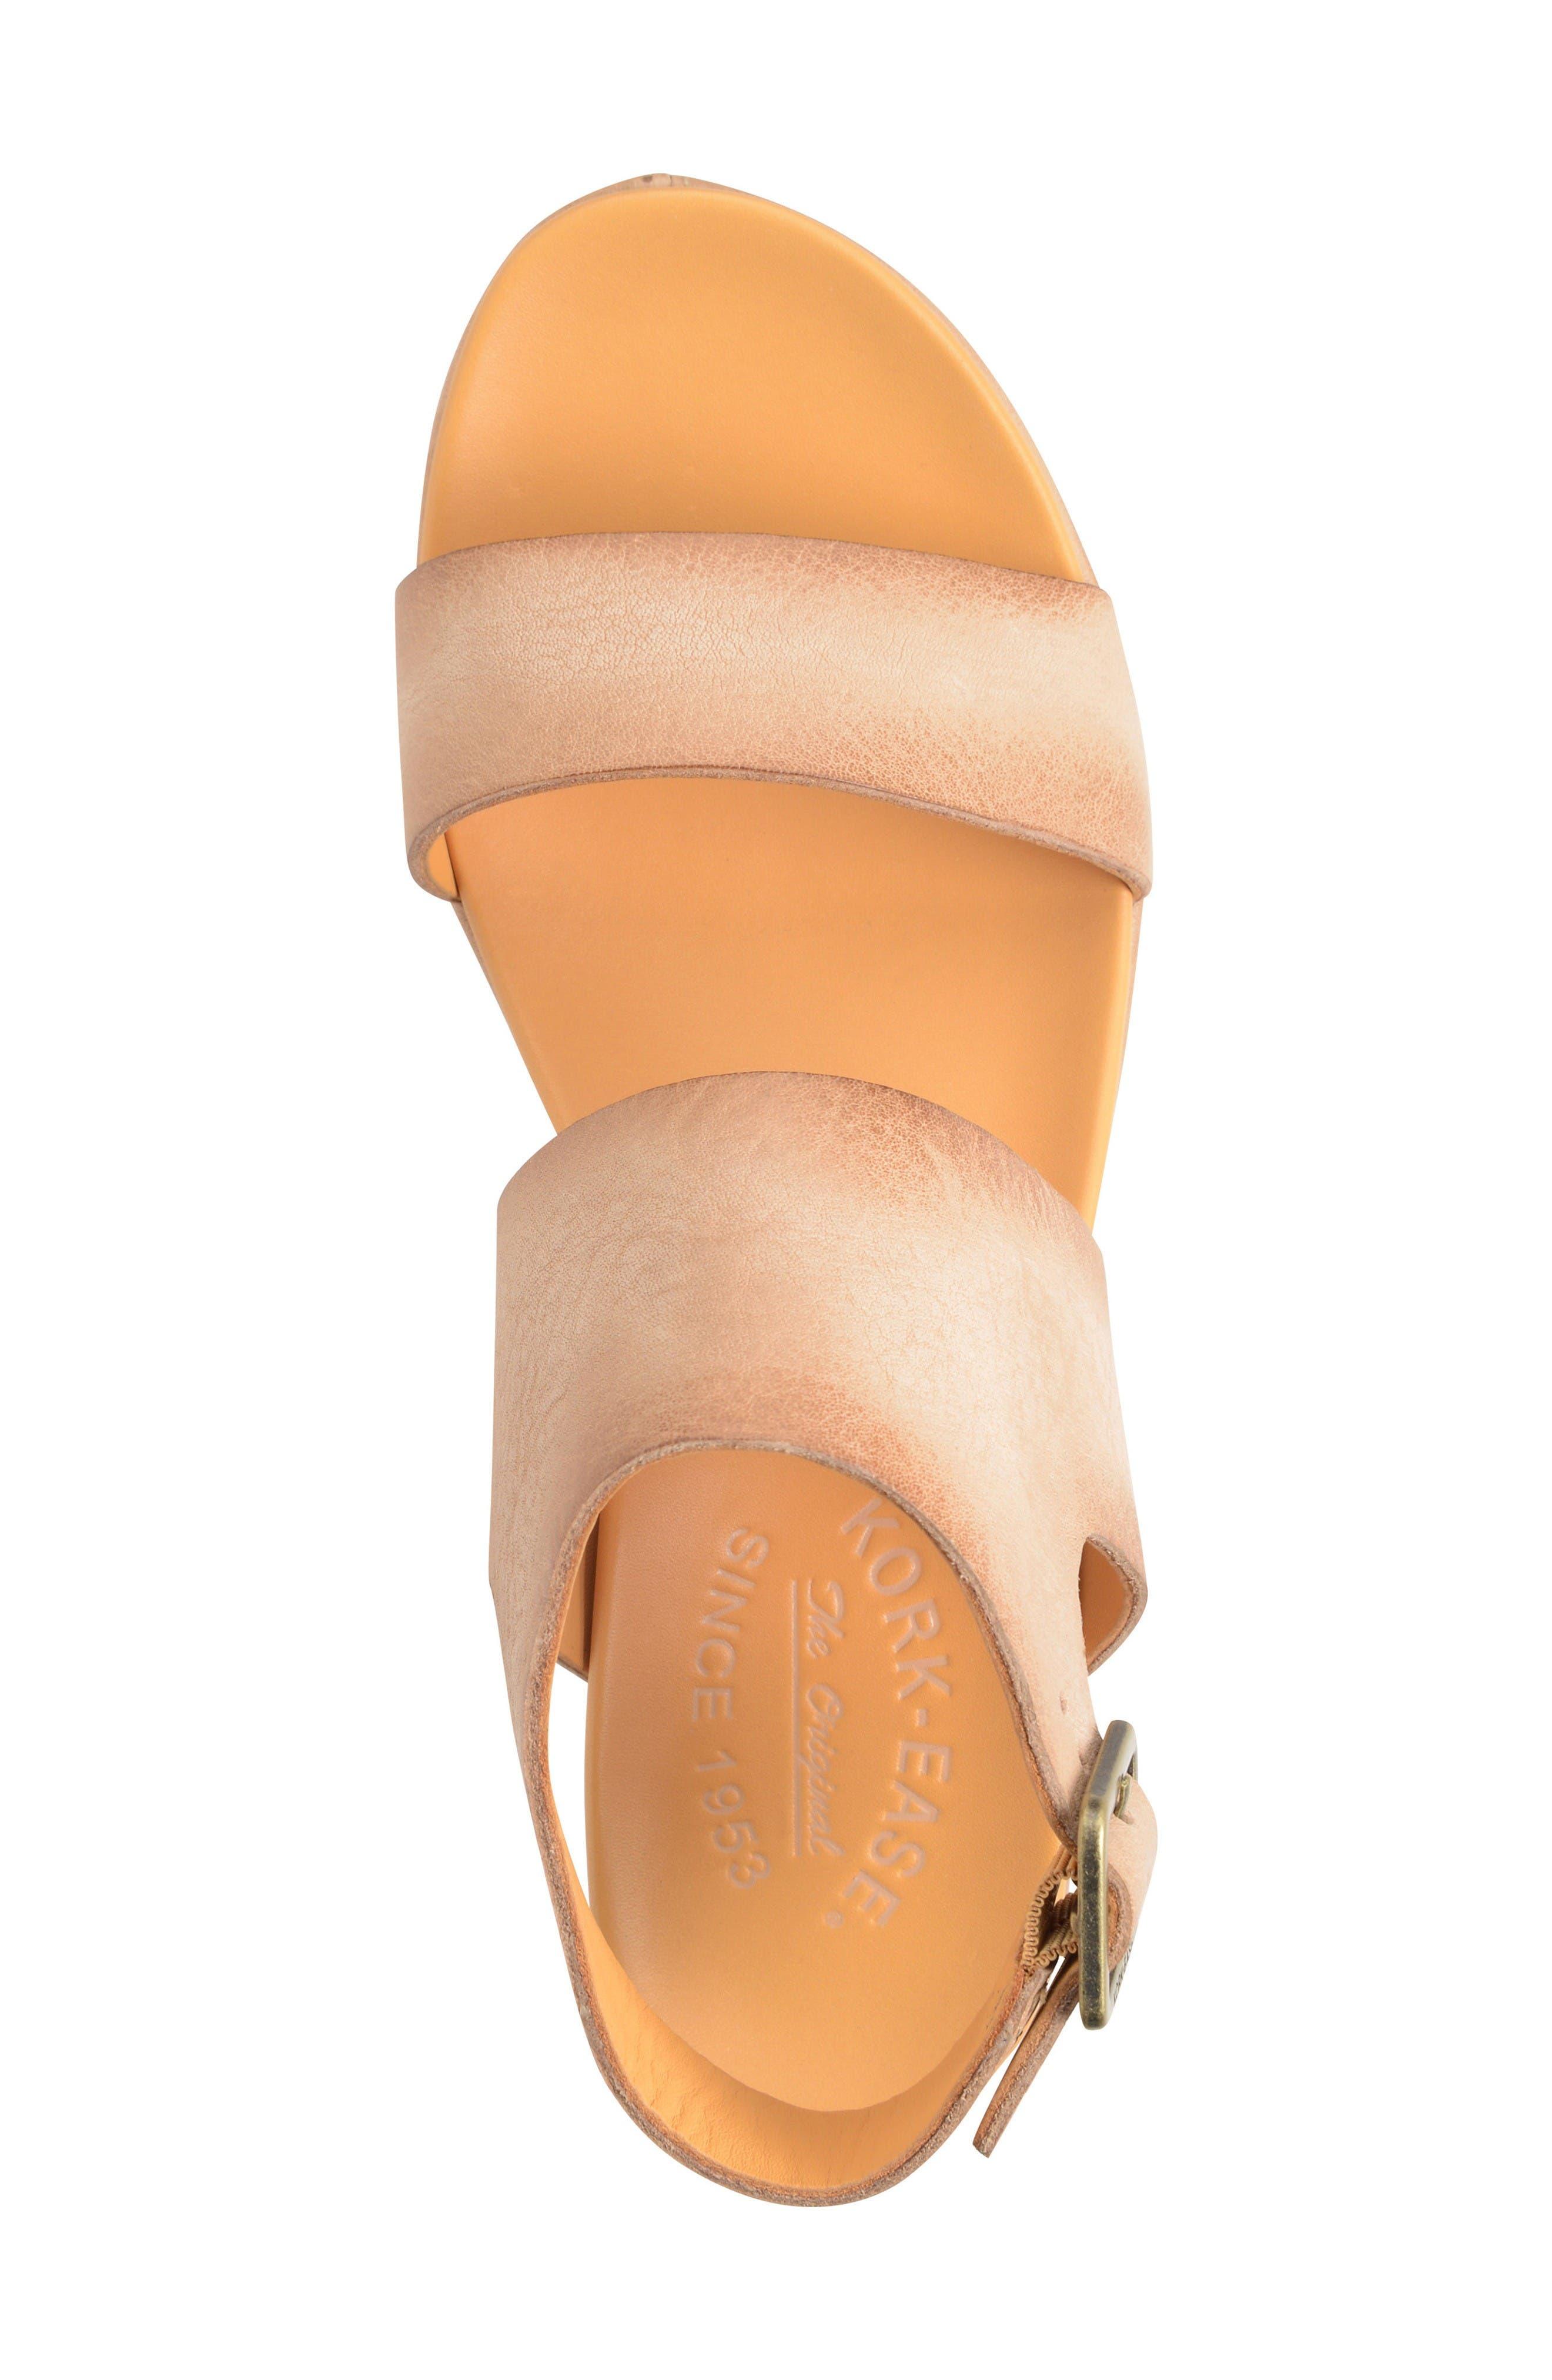 'Khloe' Platform Wedge Sandal,                             Alternate thumbnail 3, color,                             Natural Leather